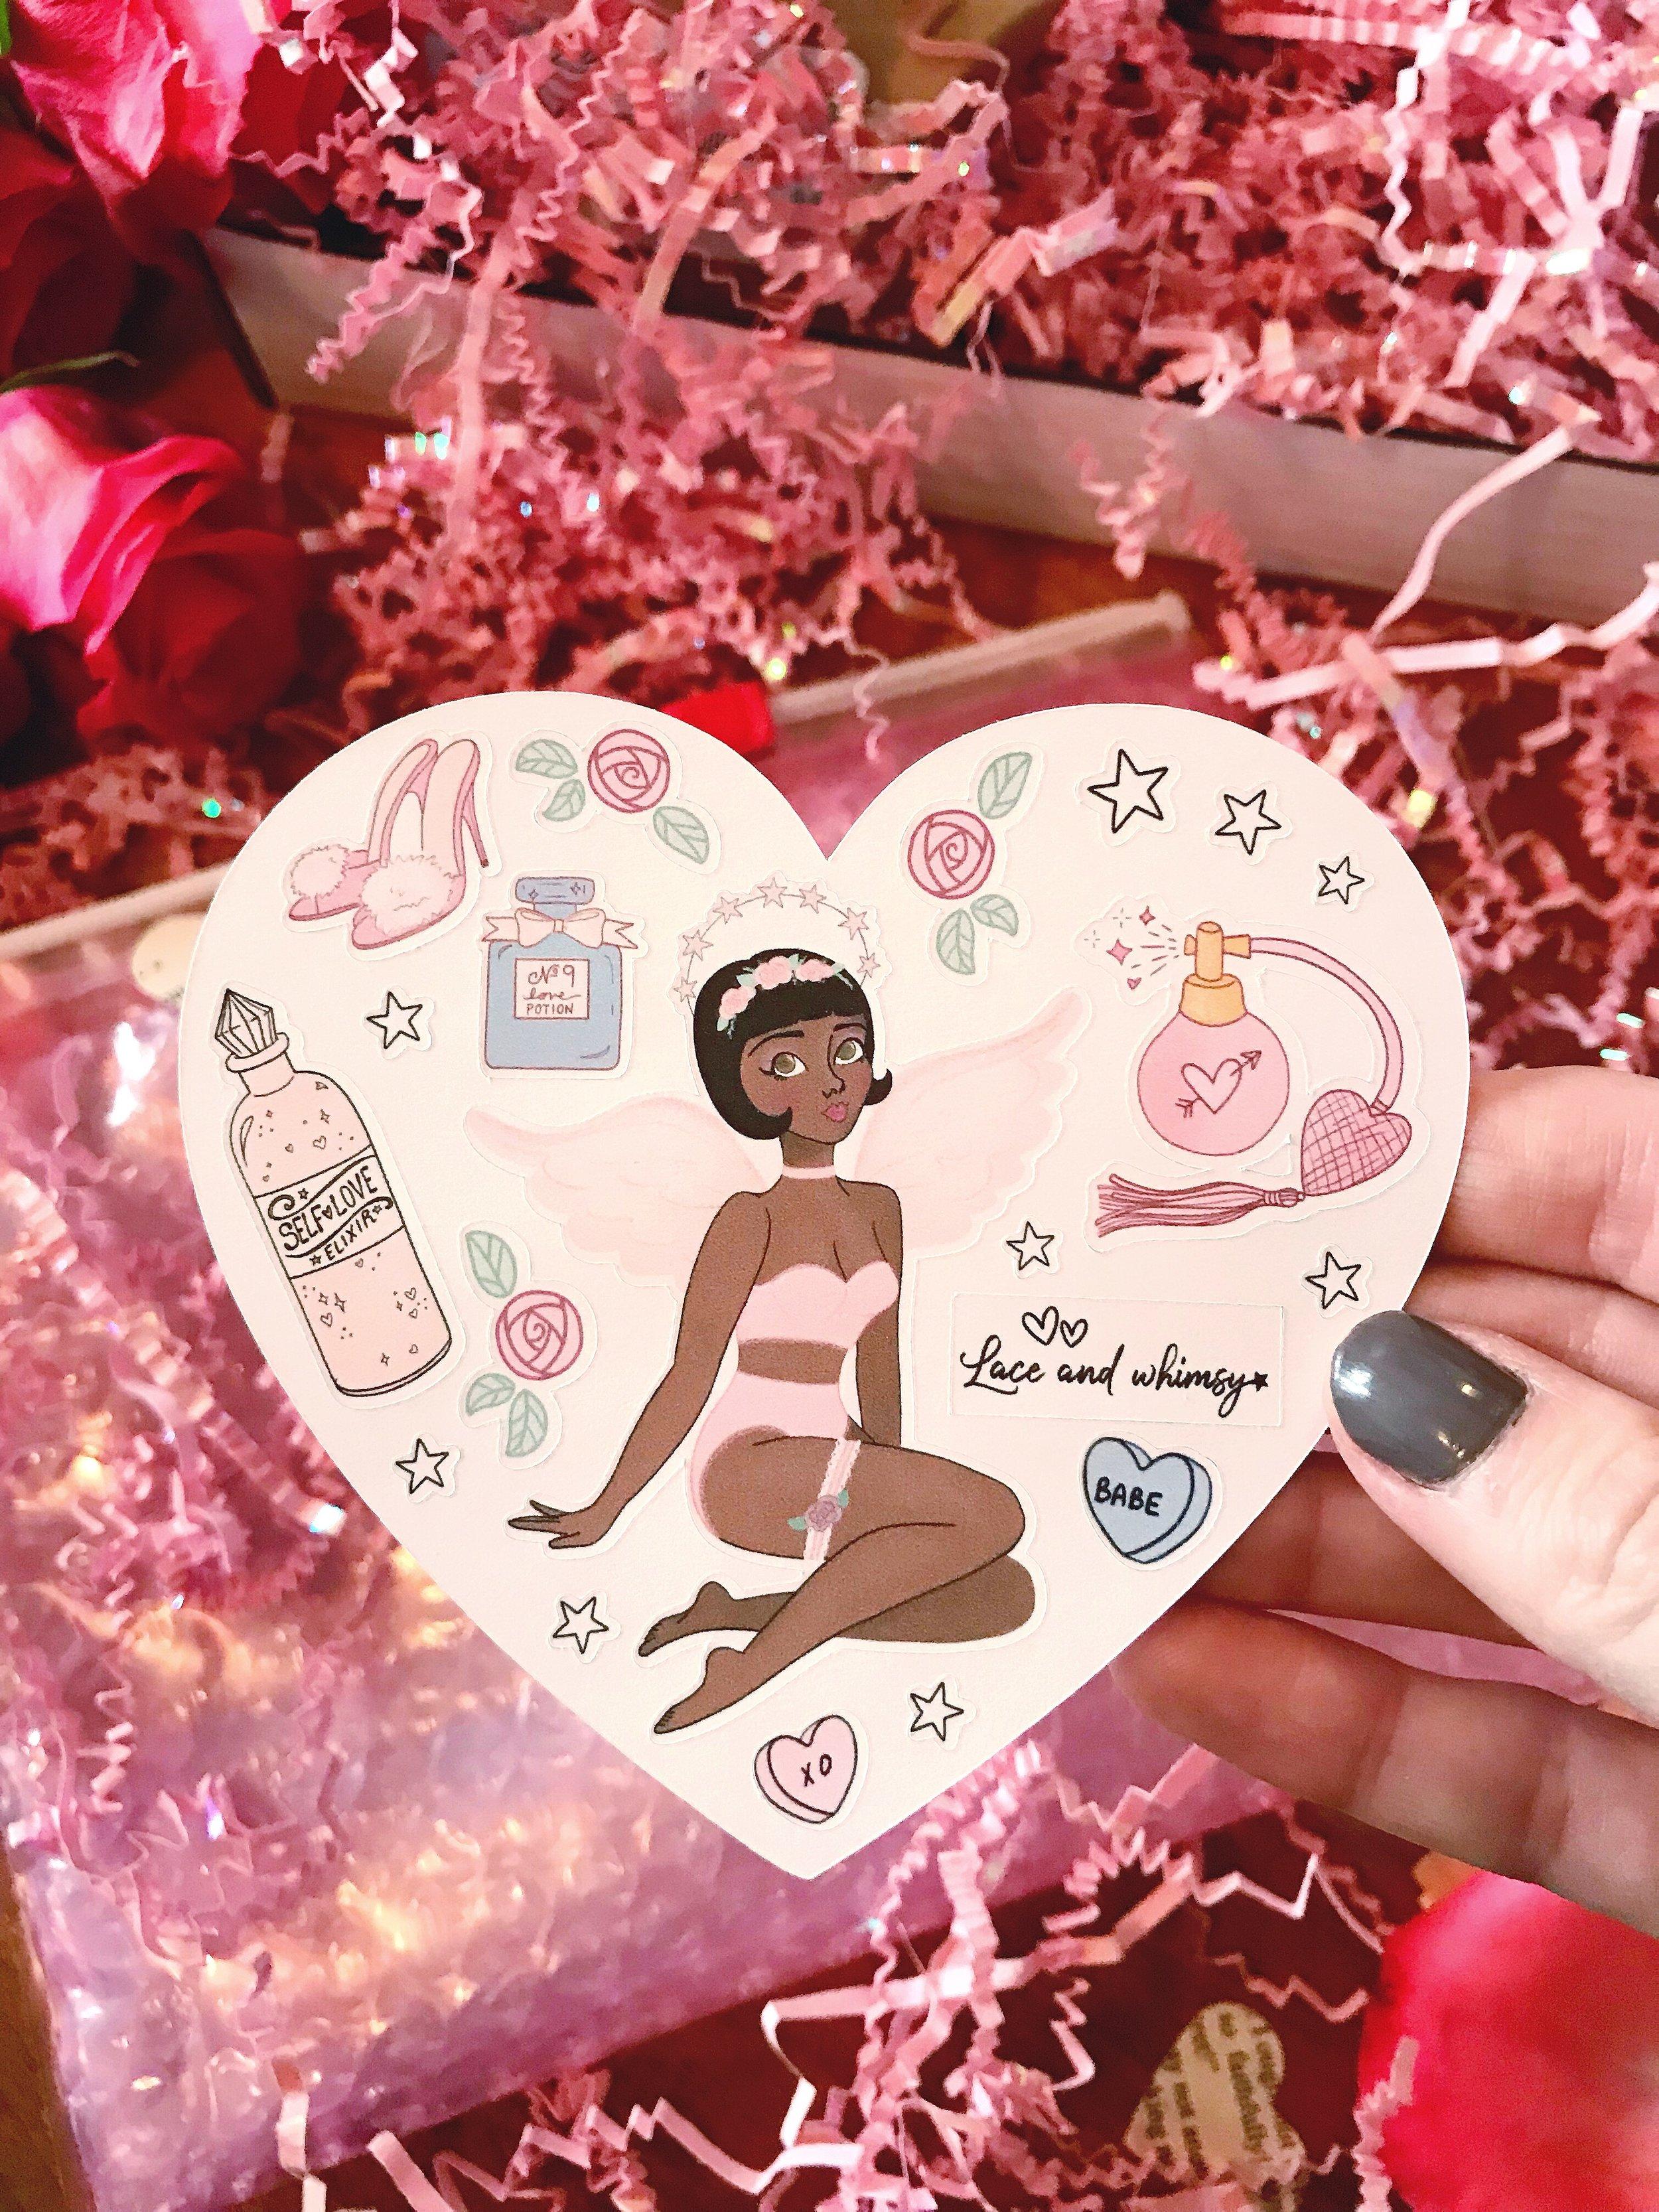 Follies of Love 02 Sticker Sheet